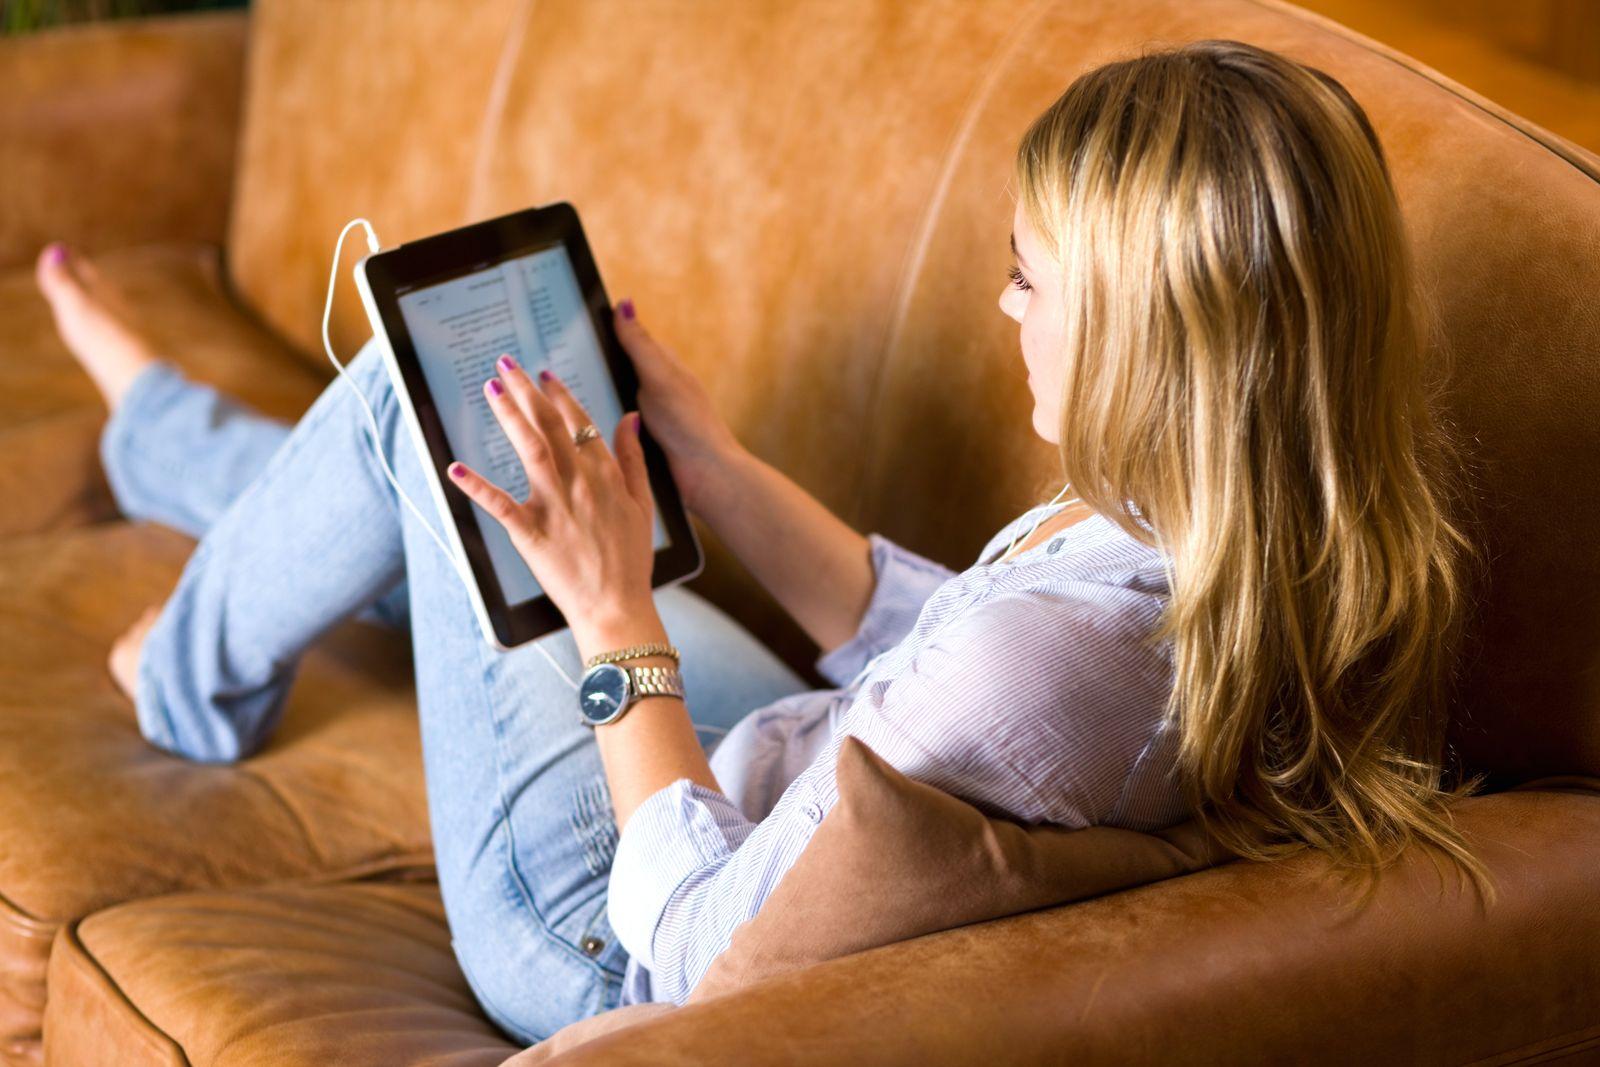 NICHT MEHR VERWENDEN! - Symbolbild Tablet Sofa